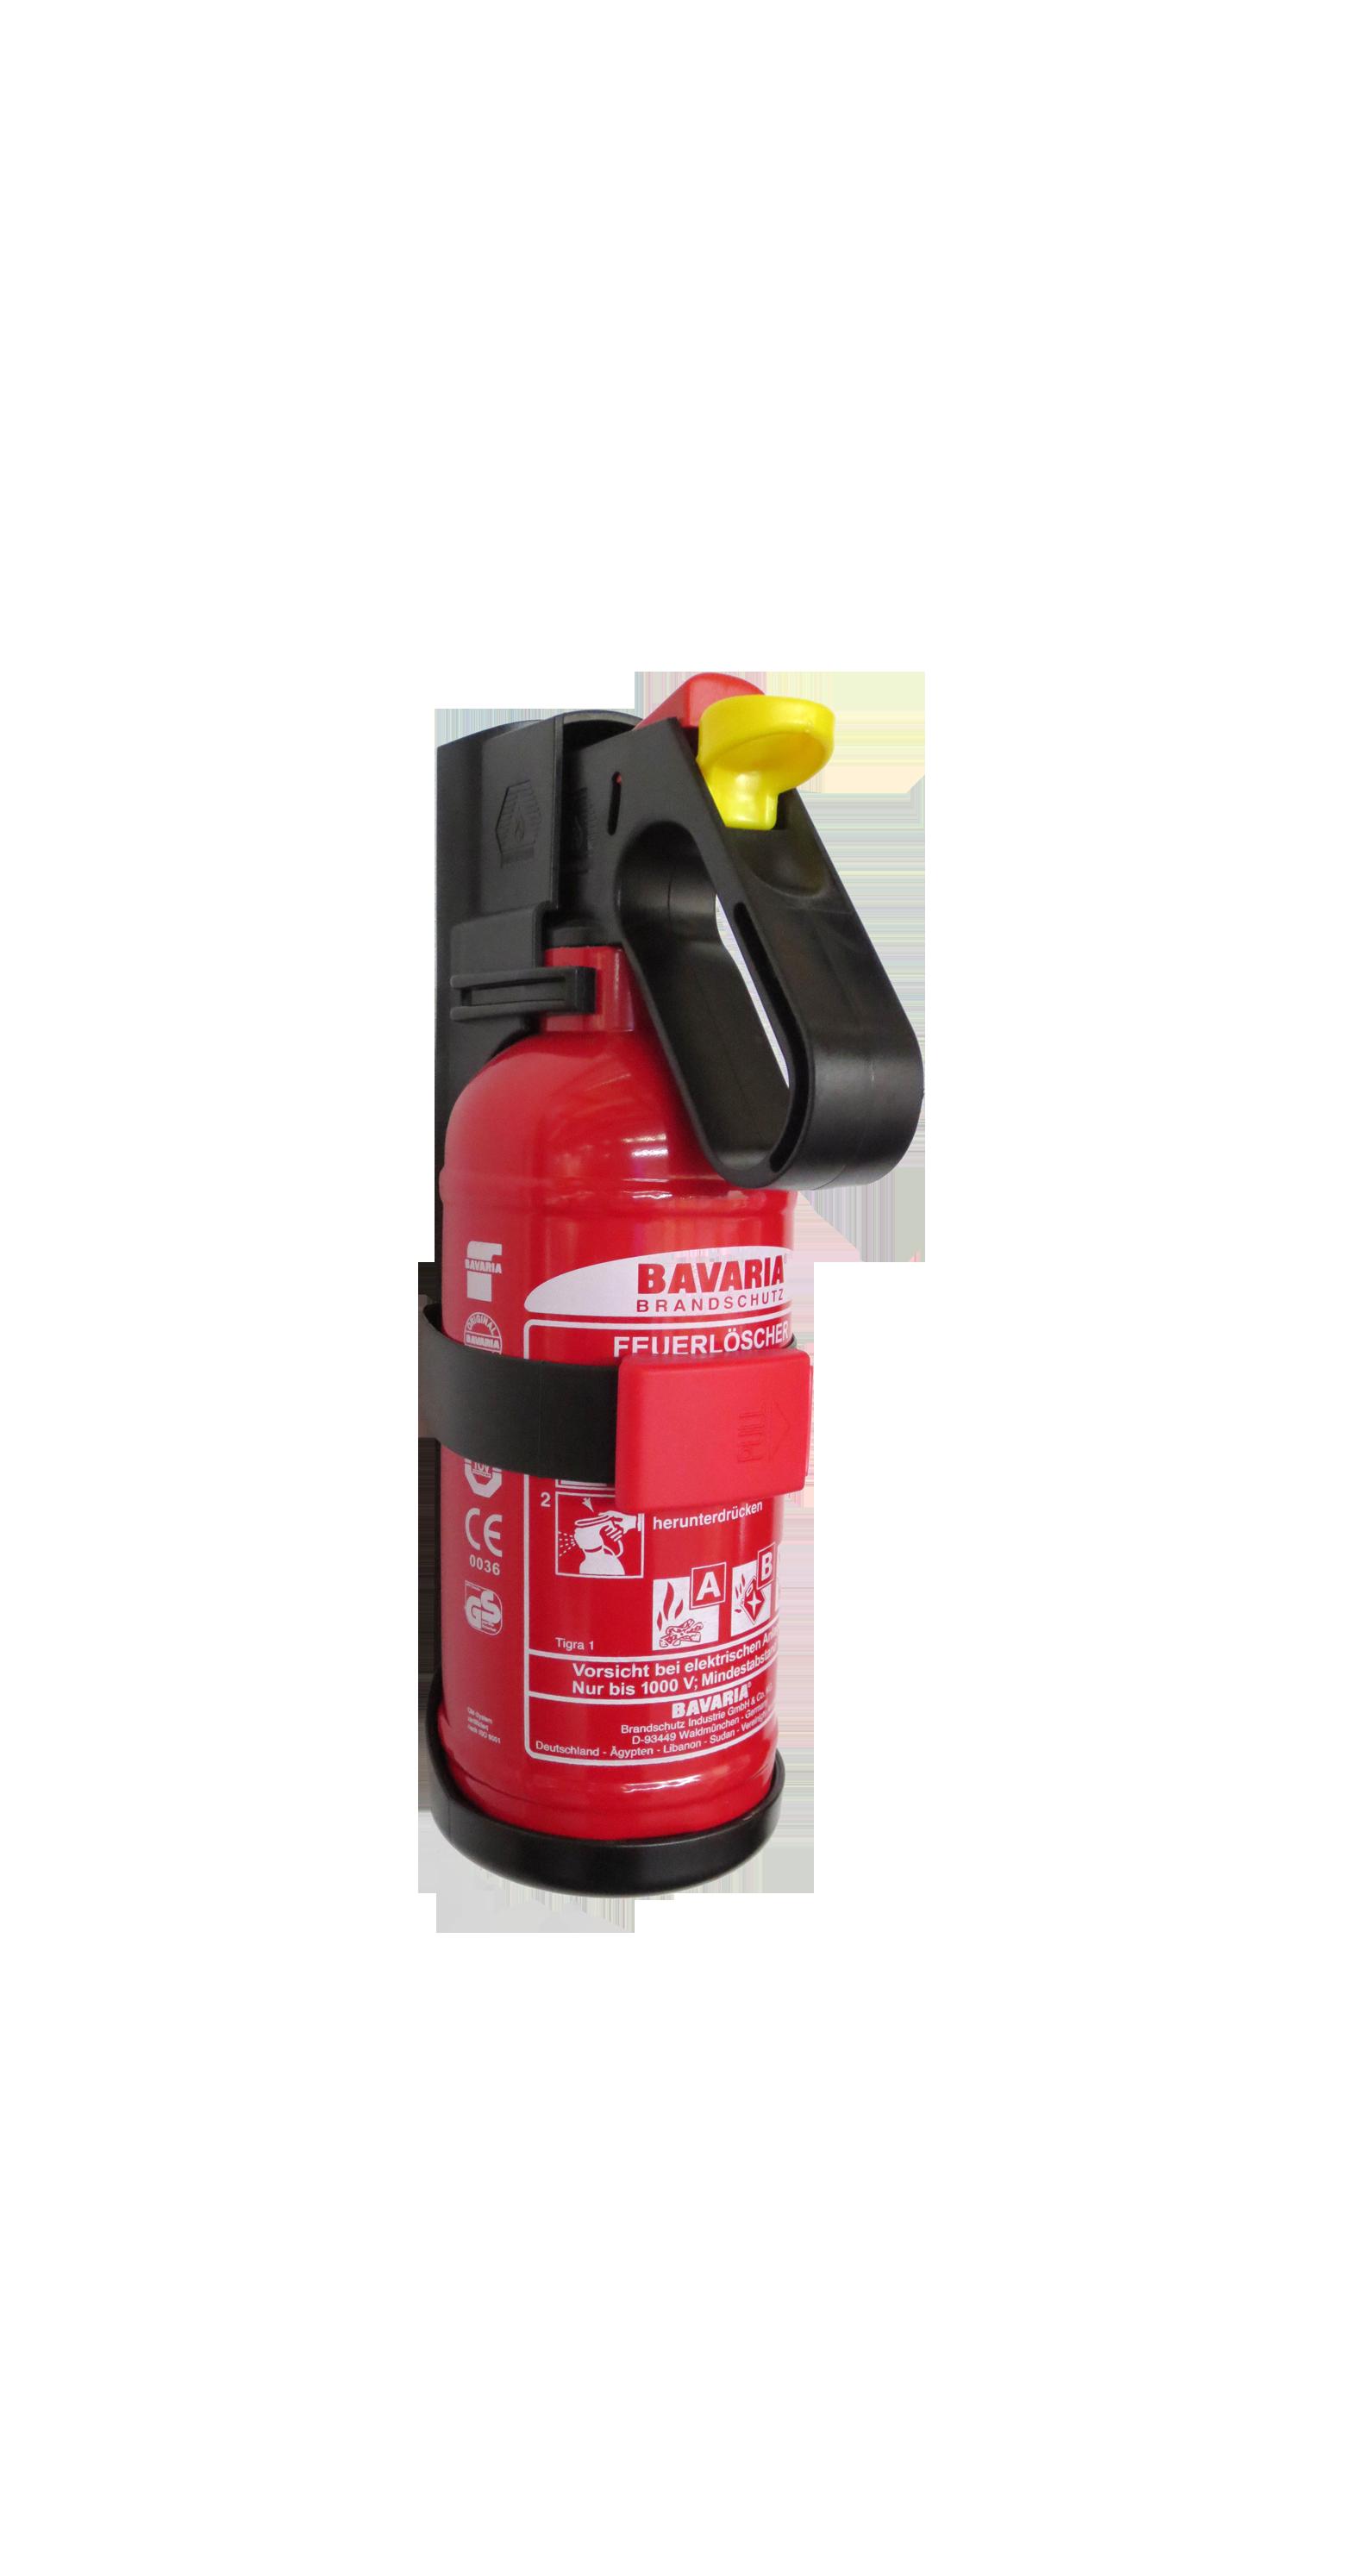 BAVARIA Champion ist ein Hochleistungs-ABC-Dauerdruck-Pulverlöscher mit 2 kg Das Gerät ist einsetzbar bei Bränden im Haushalt und Arbeitsstätten, in Automobilen, Booten, Camping und bei allen Freizeitaktivitäten.